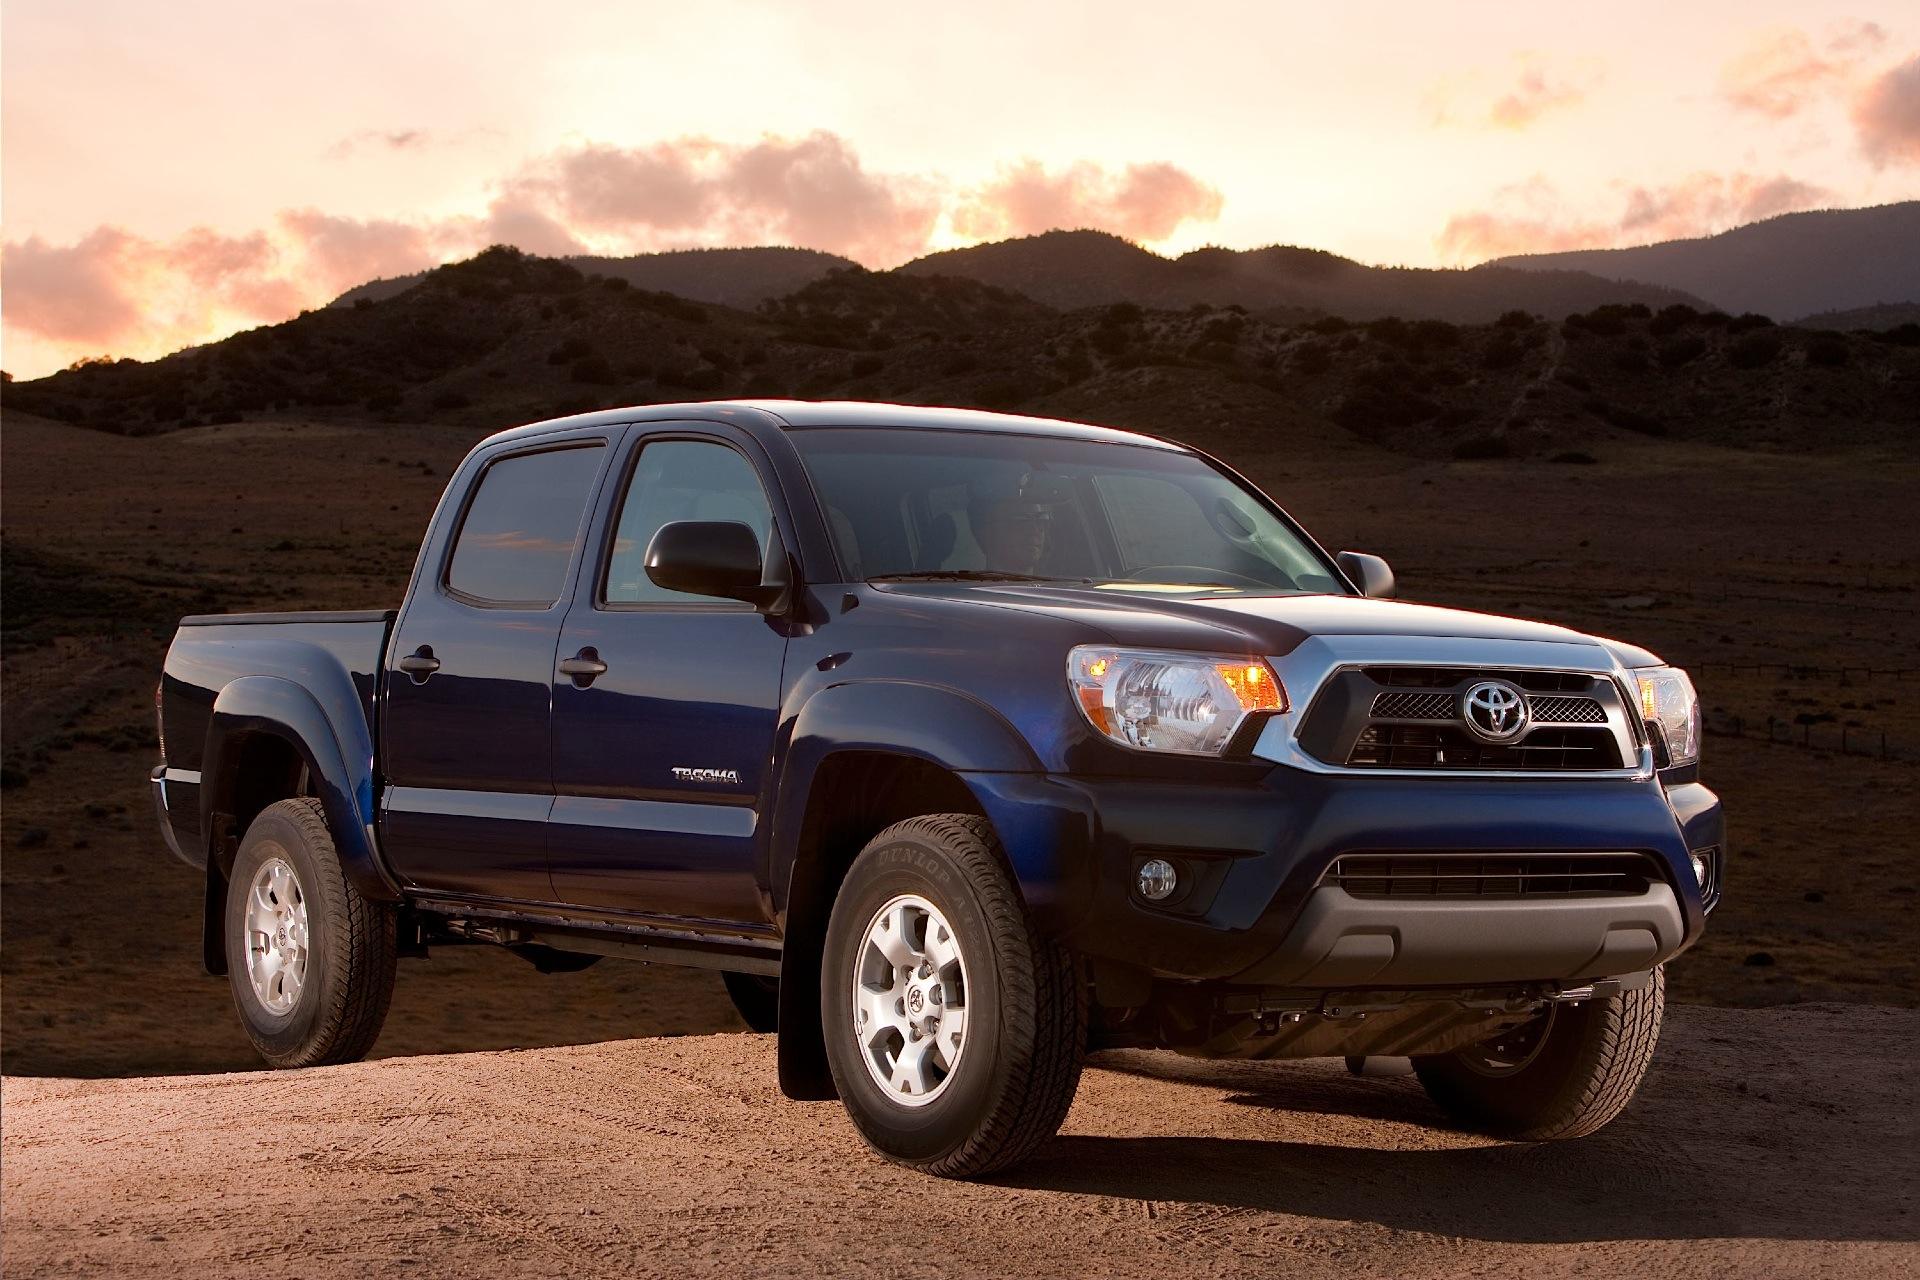 2017 Toyota Tacoma Reviews >> TOYOTA Tacoma - 2005, 2006, 2007, 2008, 2009, 2010, 2011 - autoevolution